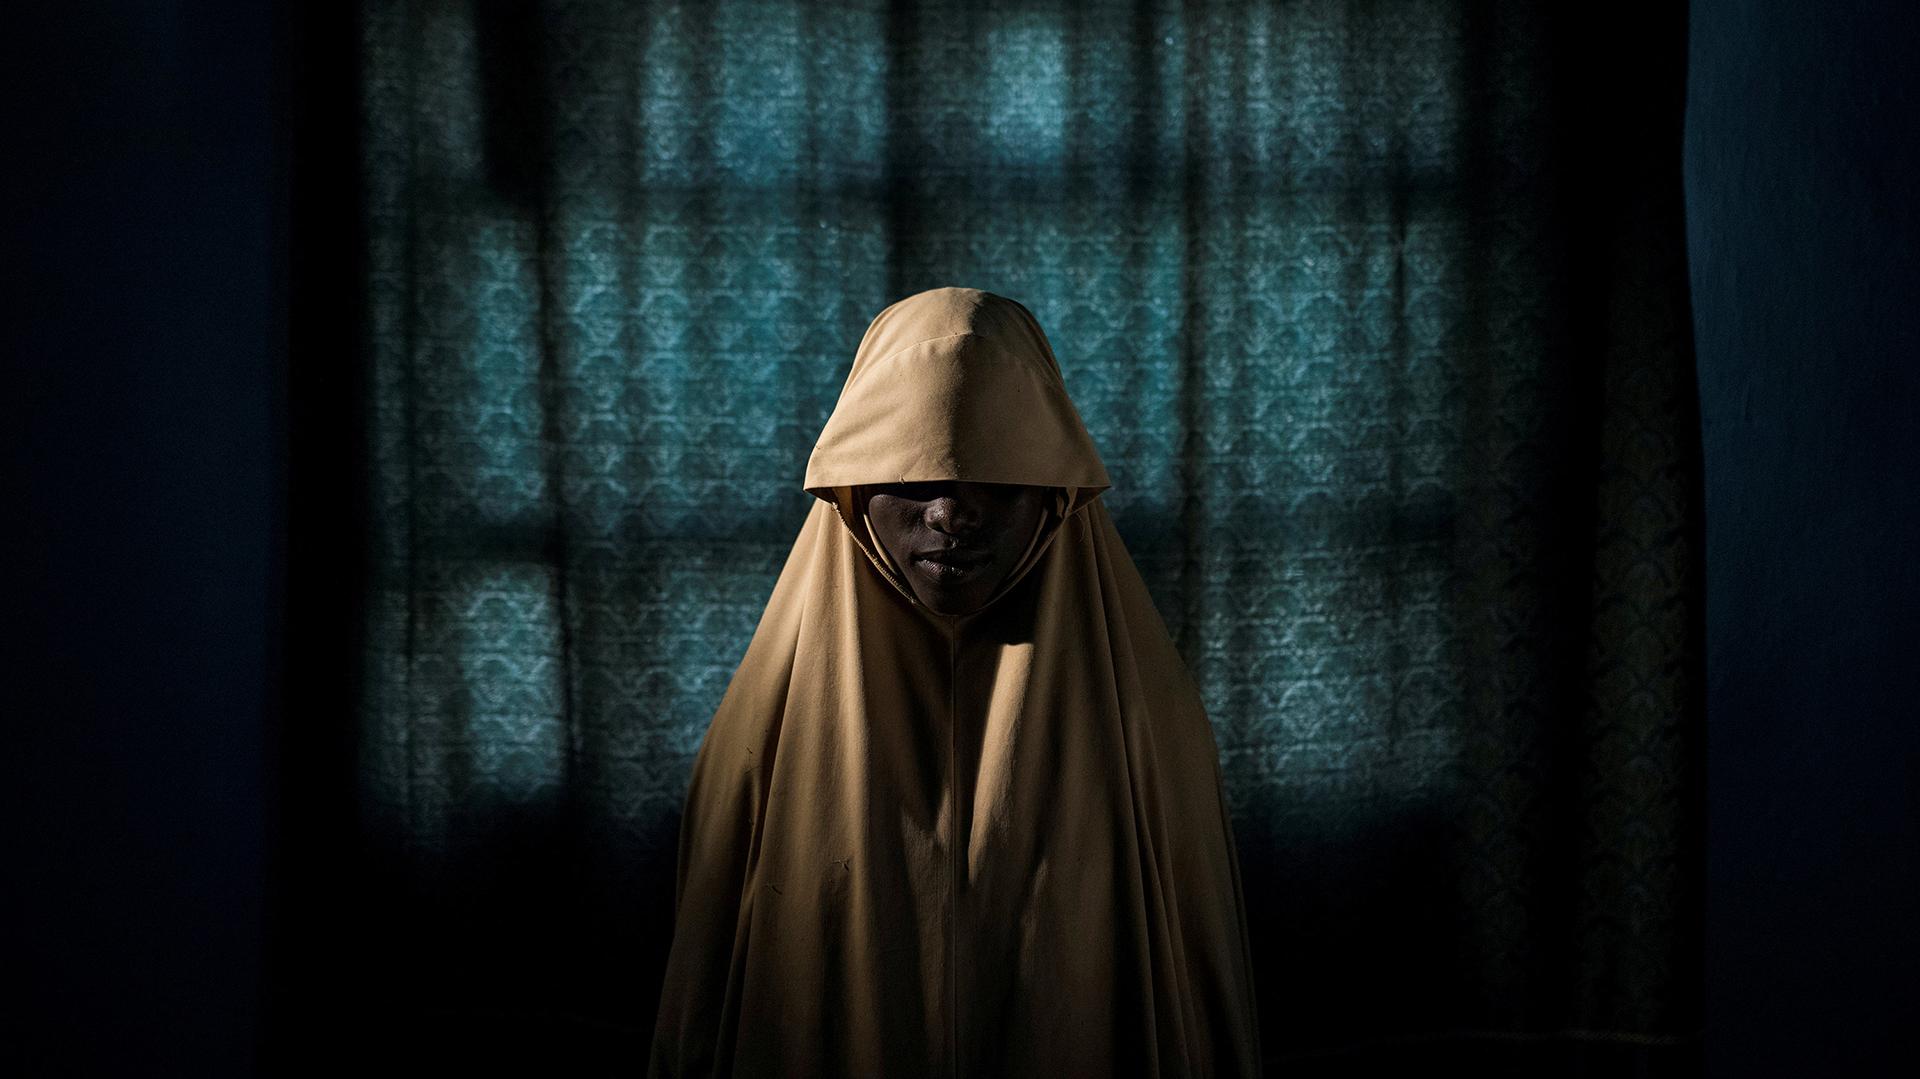 Boko Haram Strapped Suicide Bombs To Them. Somehow These Teenage Girls Survived – Boko Haram les ató bombas suicidas. De alguna manera estas adolescentes sobrevivieron: foto nominada para la Foto del Año y para la categoría Gente-Sencillos en el concurso de fotografía World Press. Aisha (14) posa para un retrato en Maiduguri, estado de Borno, Nigeria. Después de ser secuestrada por Boko Haram, Aisha fue asignada a una misión de bombardeo suicida, pero logró escapar y encontrar ayuda en lugar de detonar las bombas. (Adam Ferguson, Australia)